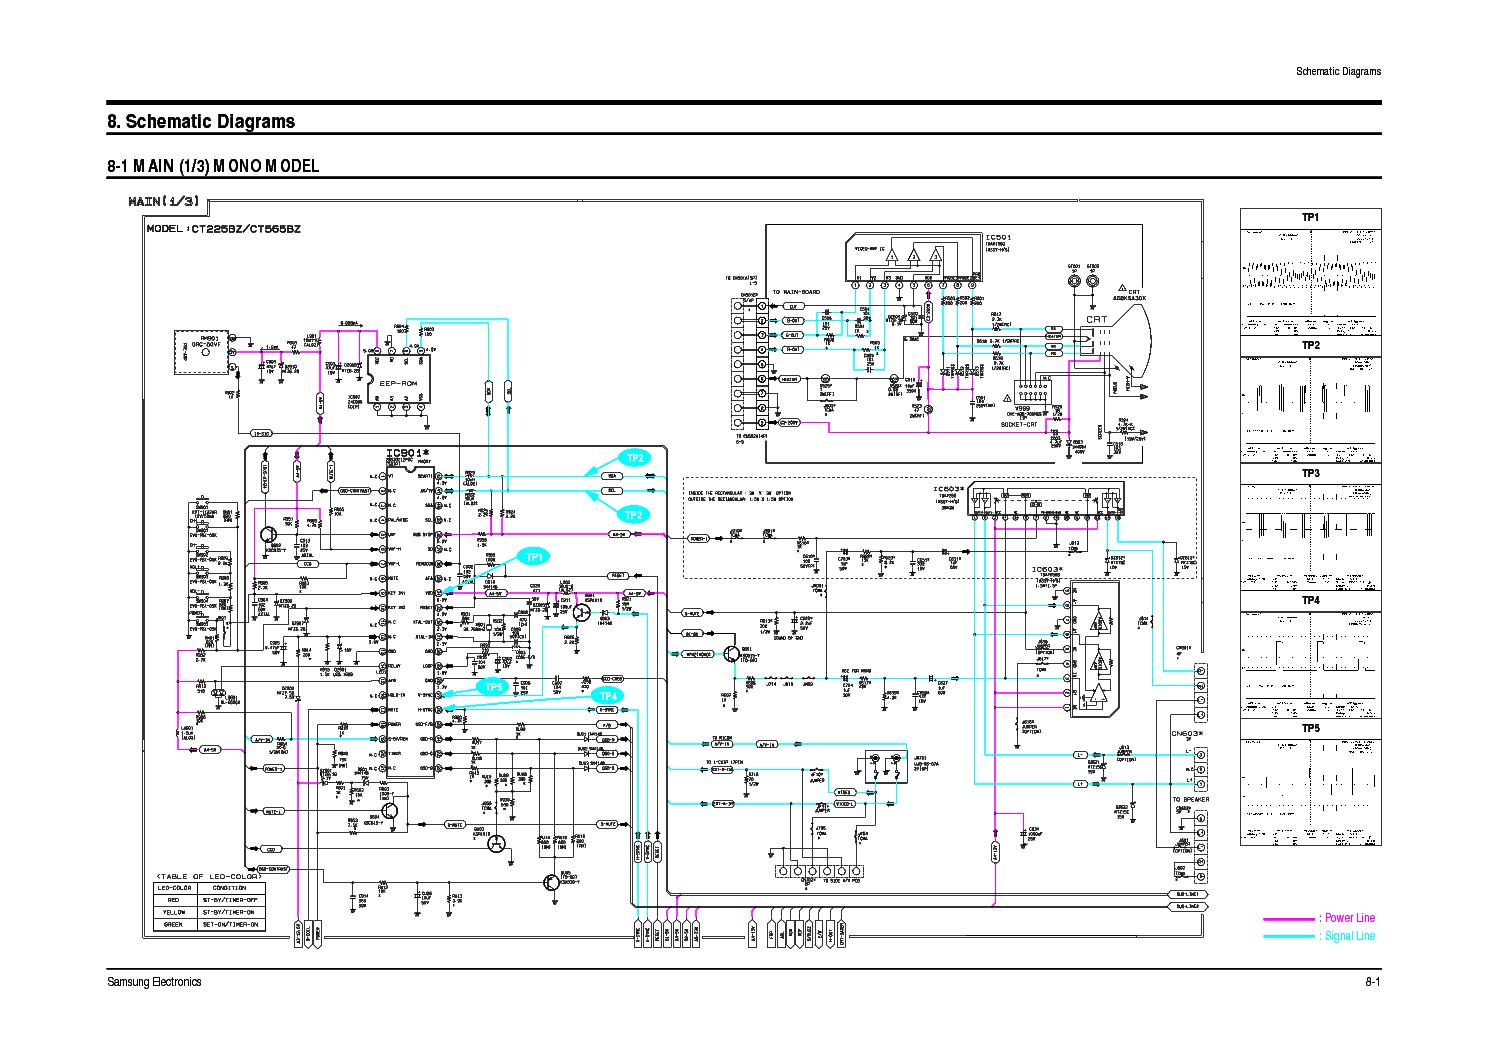 samsung tv schematics download - chartsky samsung schematic diagram download